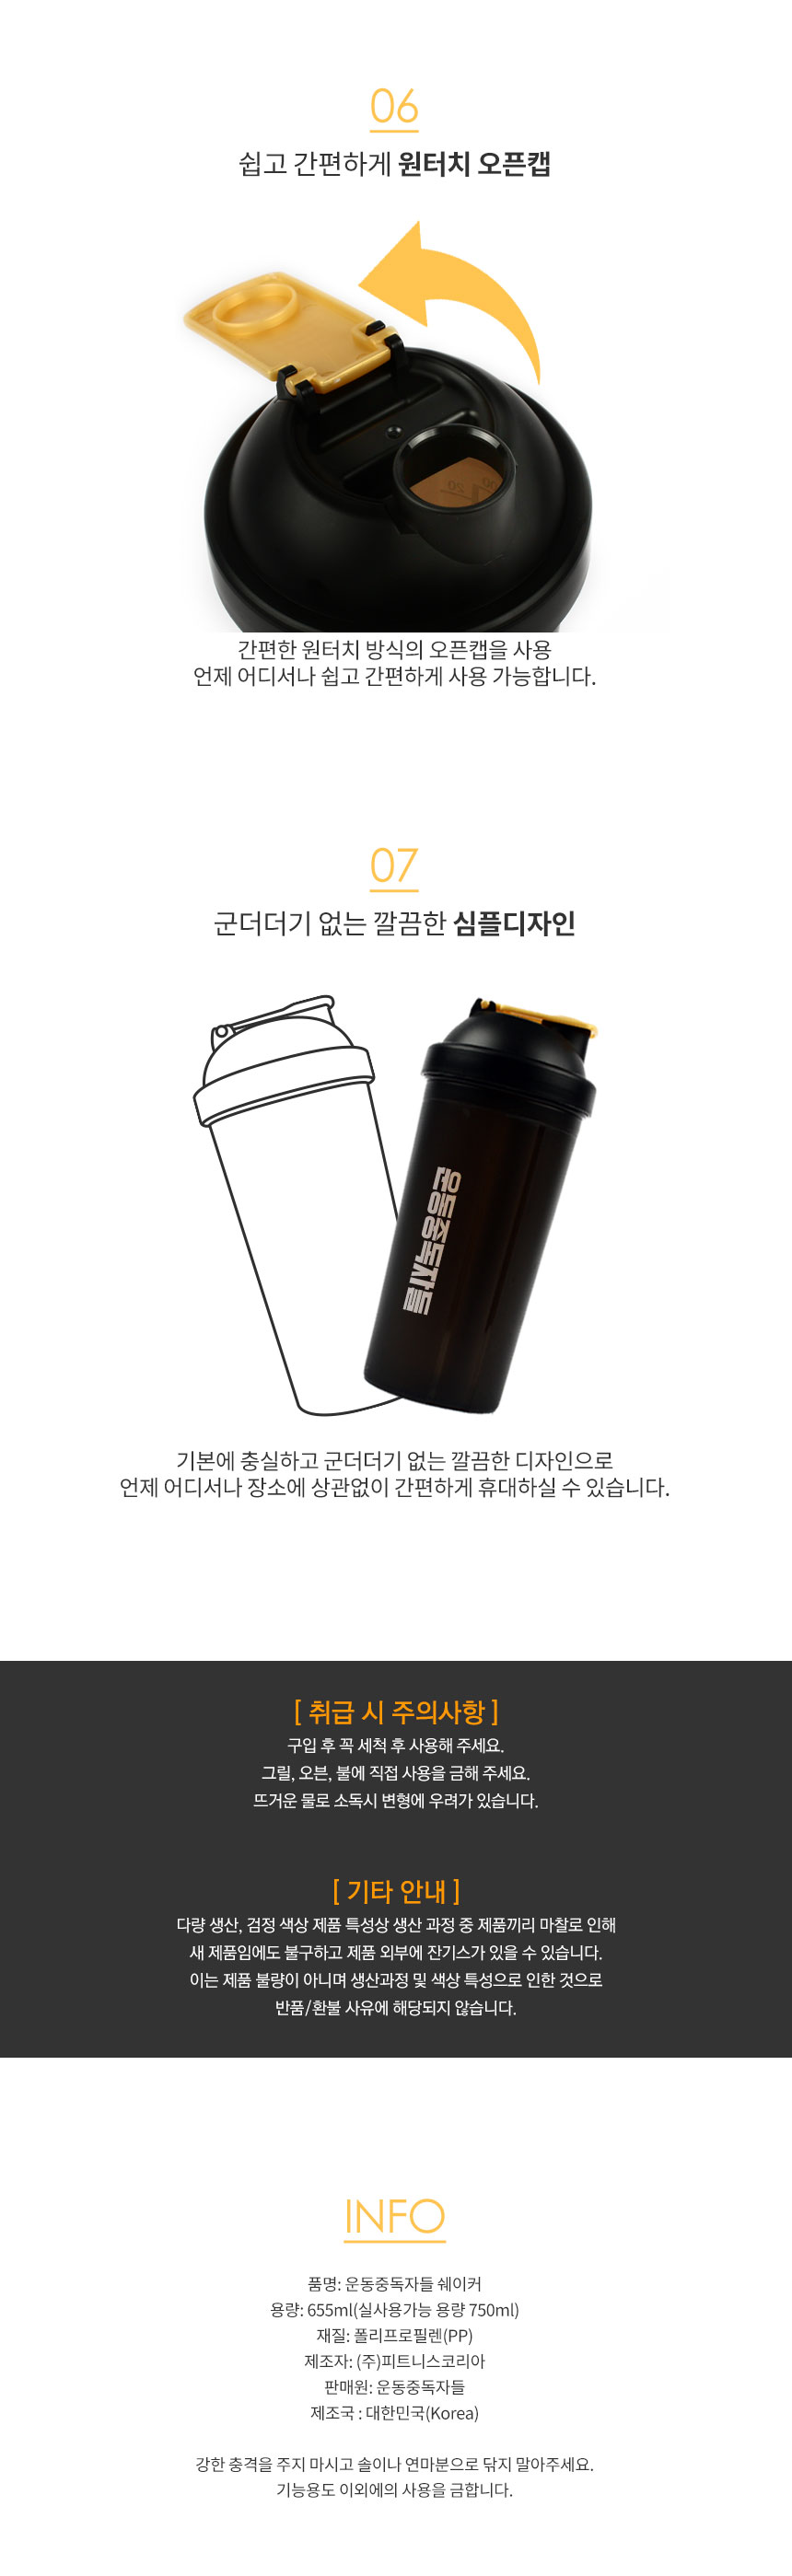 웨이24 이지심플 쉐이커